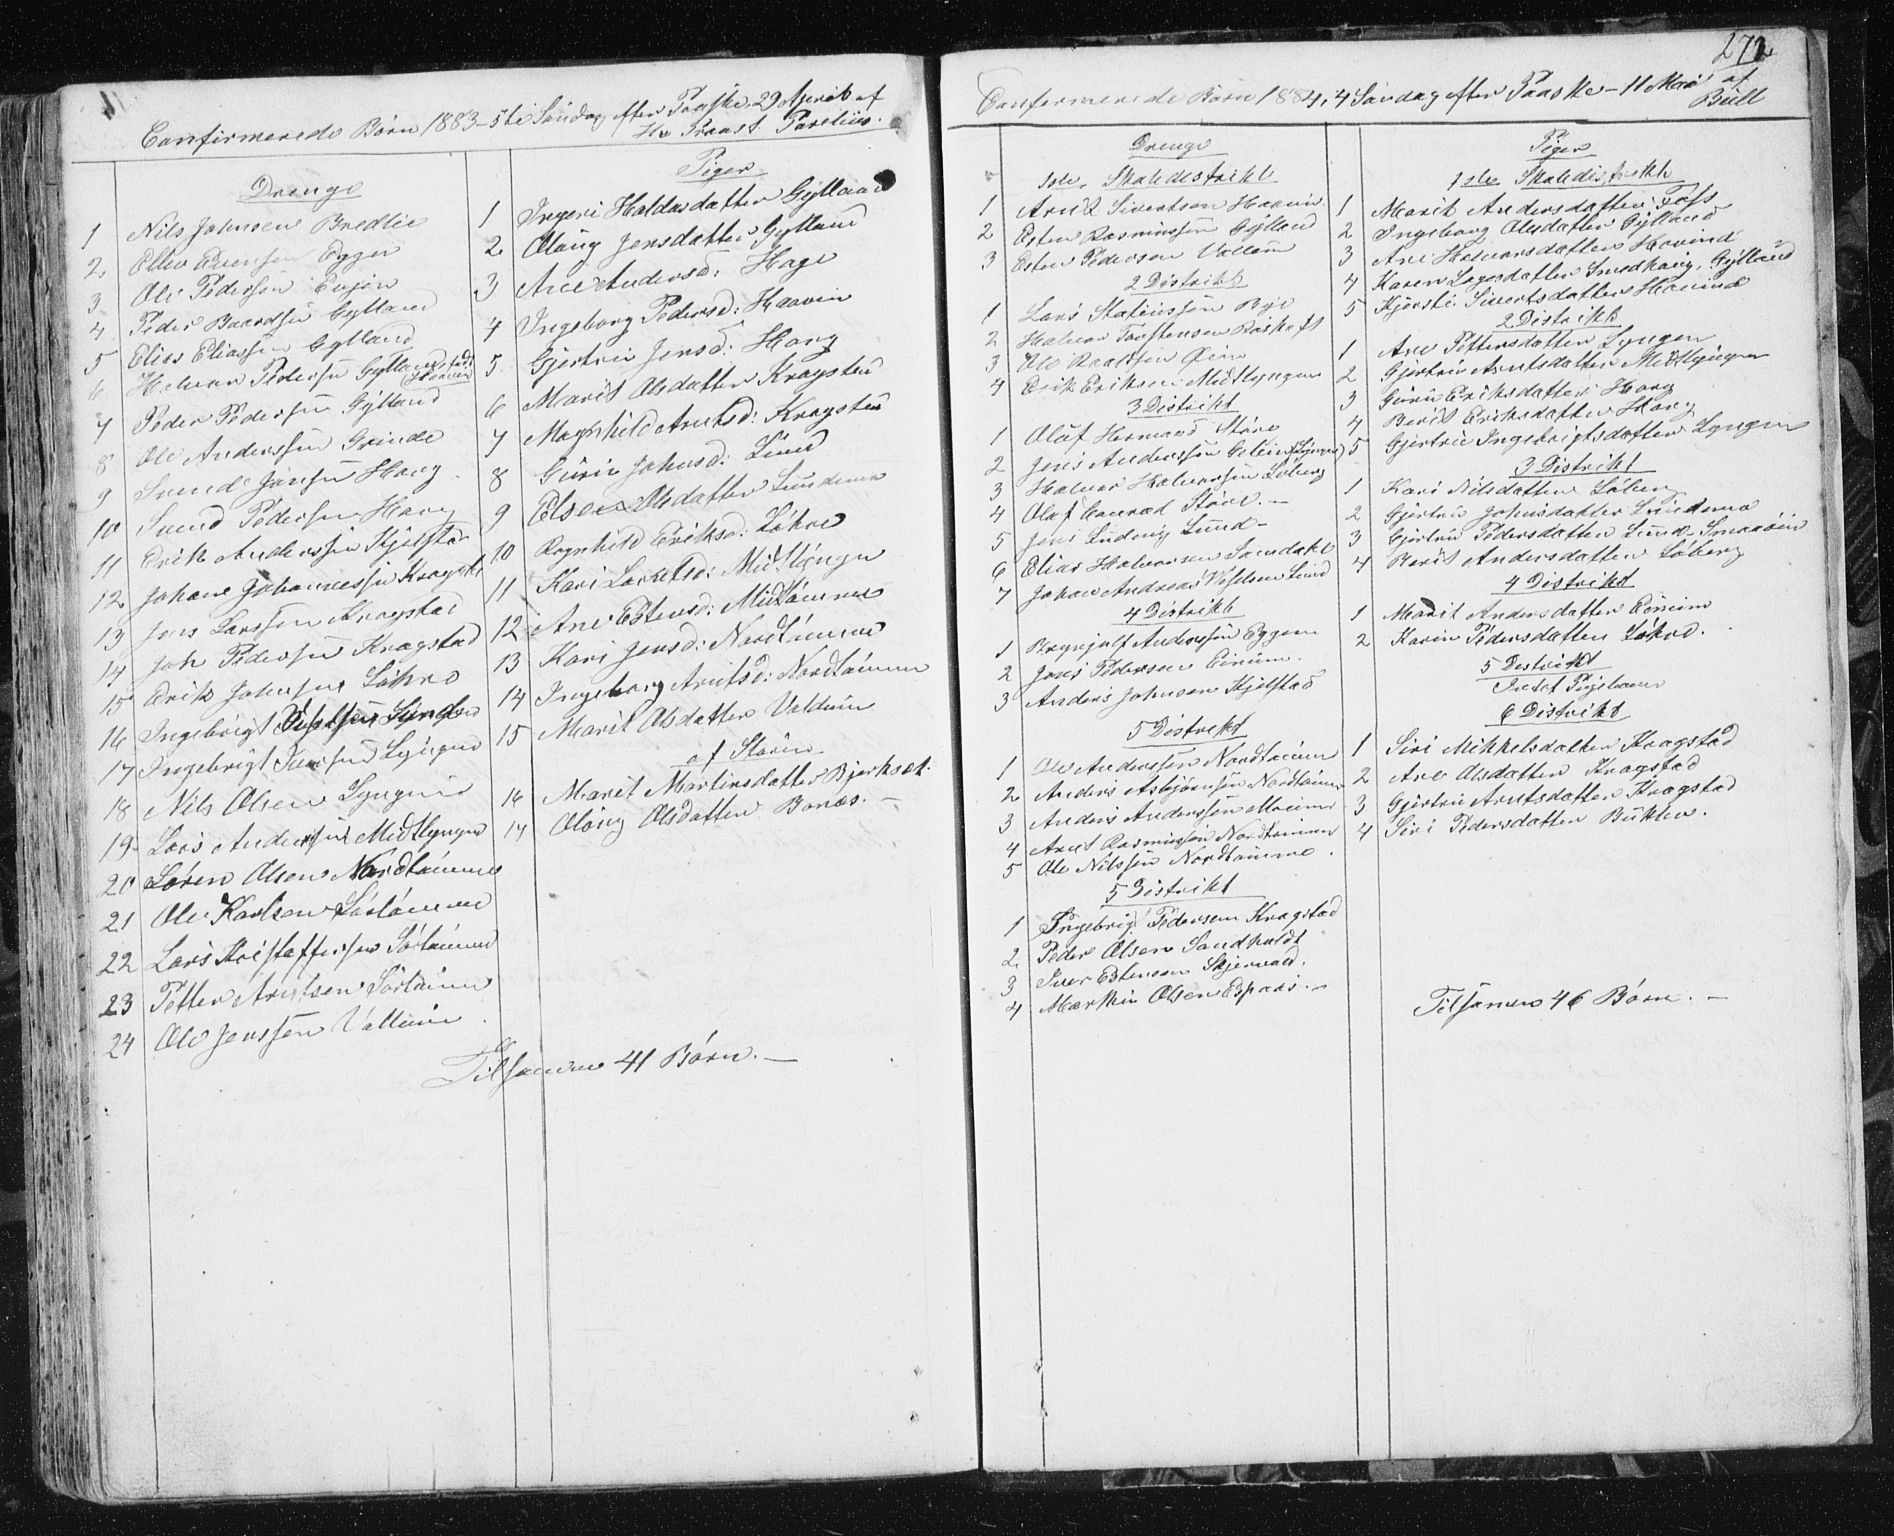 SAT, Ministerialprotokoller, klokkerbøker og fødselsregistre - Sør-Trøndelag, 692/L1110: Klokkerbok nr. 692C05, 1849-1889, s. 272